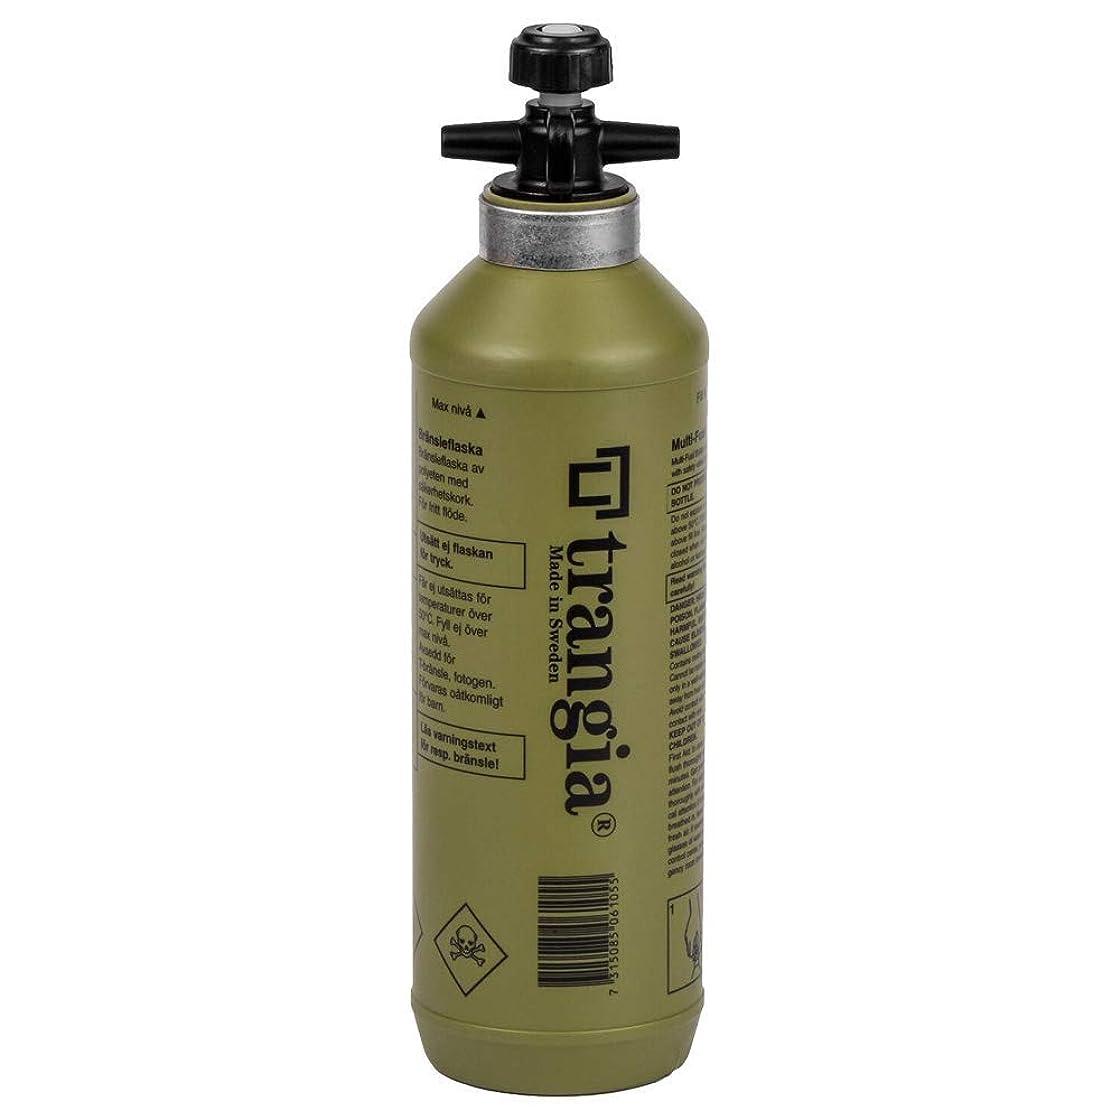 ベスビオ山好きである革命trangia(トランギア) フューエルボトル 0.5L アルコールバーナー用 燃料ボトル